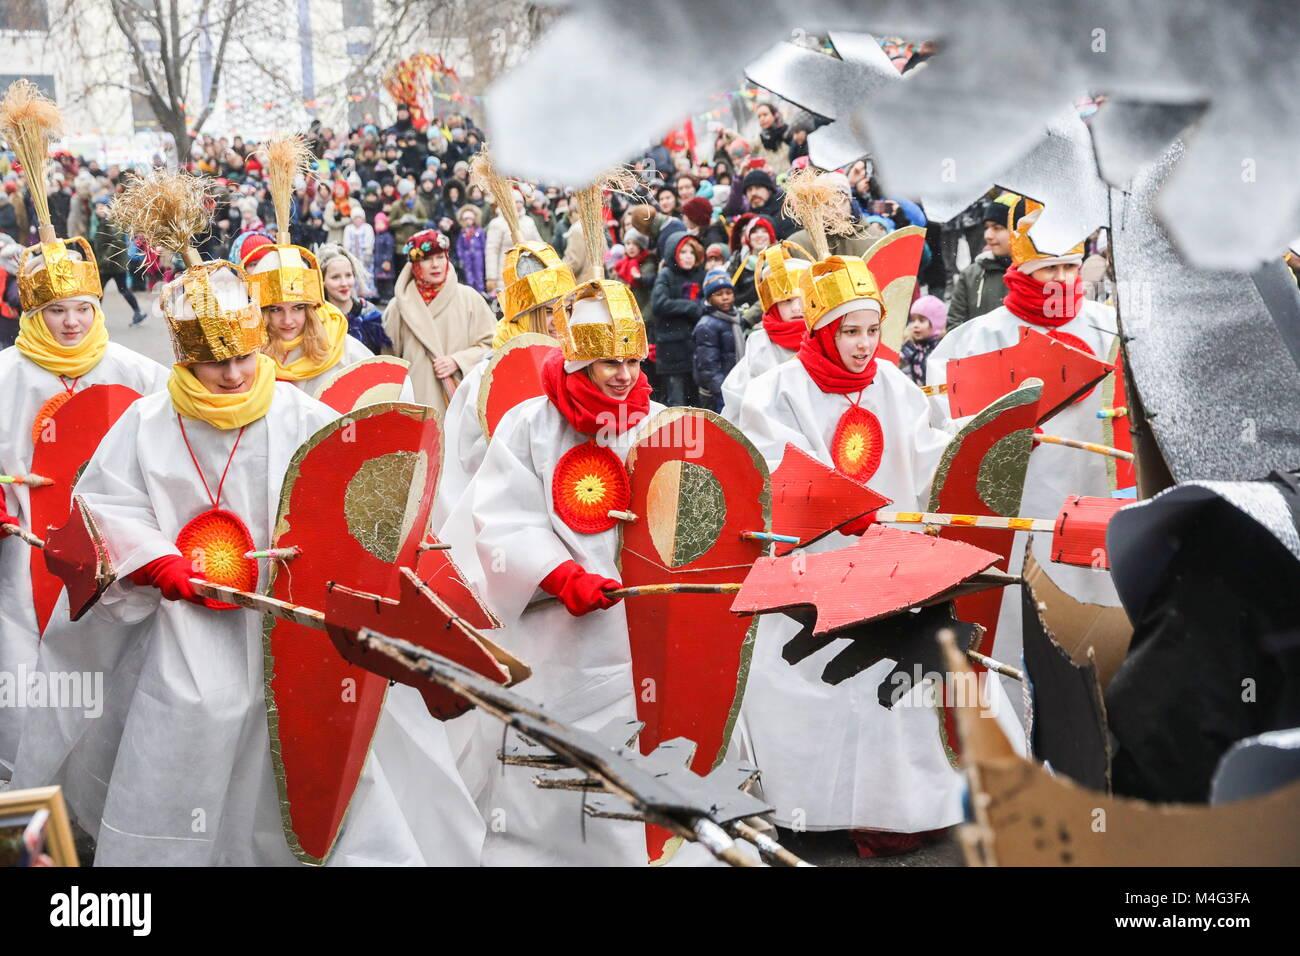 Moscou, Russie. 16 Février, 2018. Une scène d'un spectacle théâtral représentant une bataille entre chevaliers et Banque D'Images